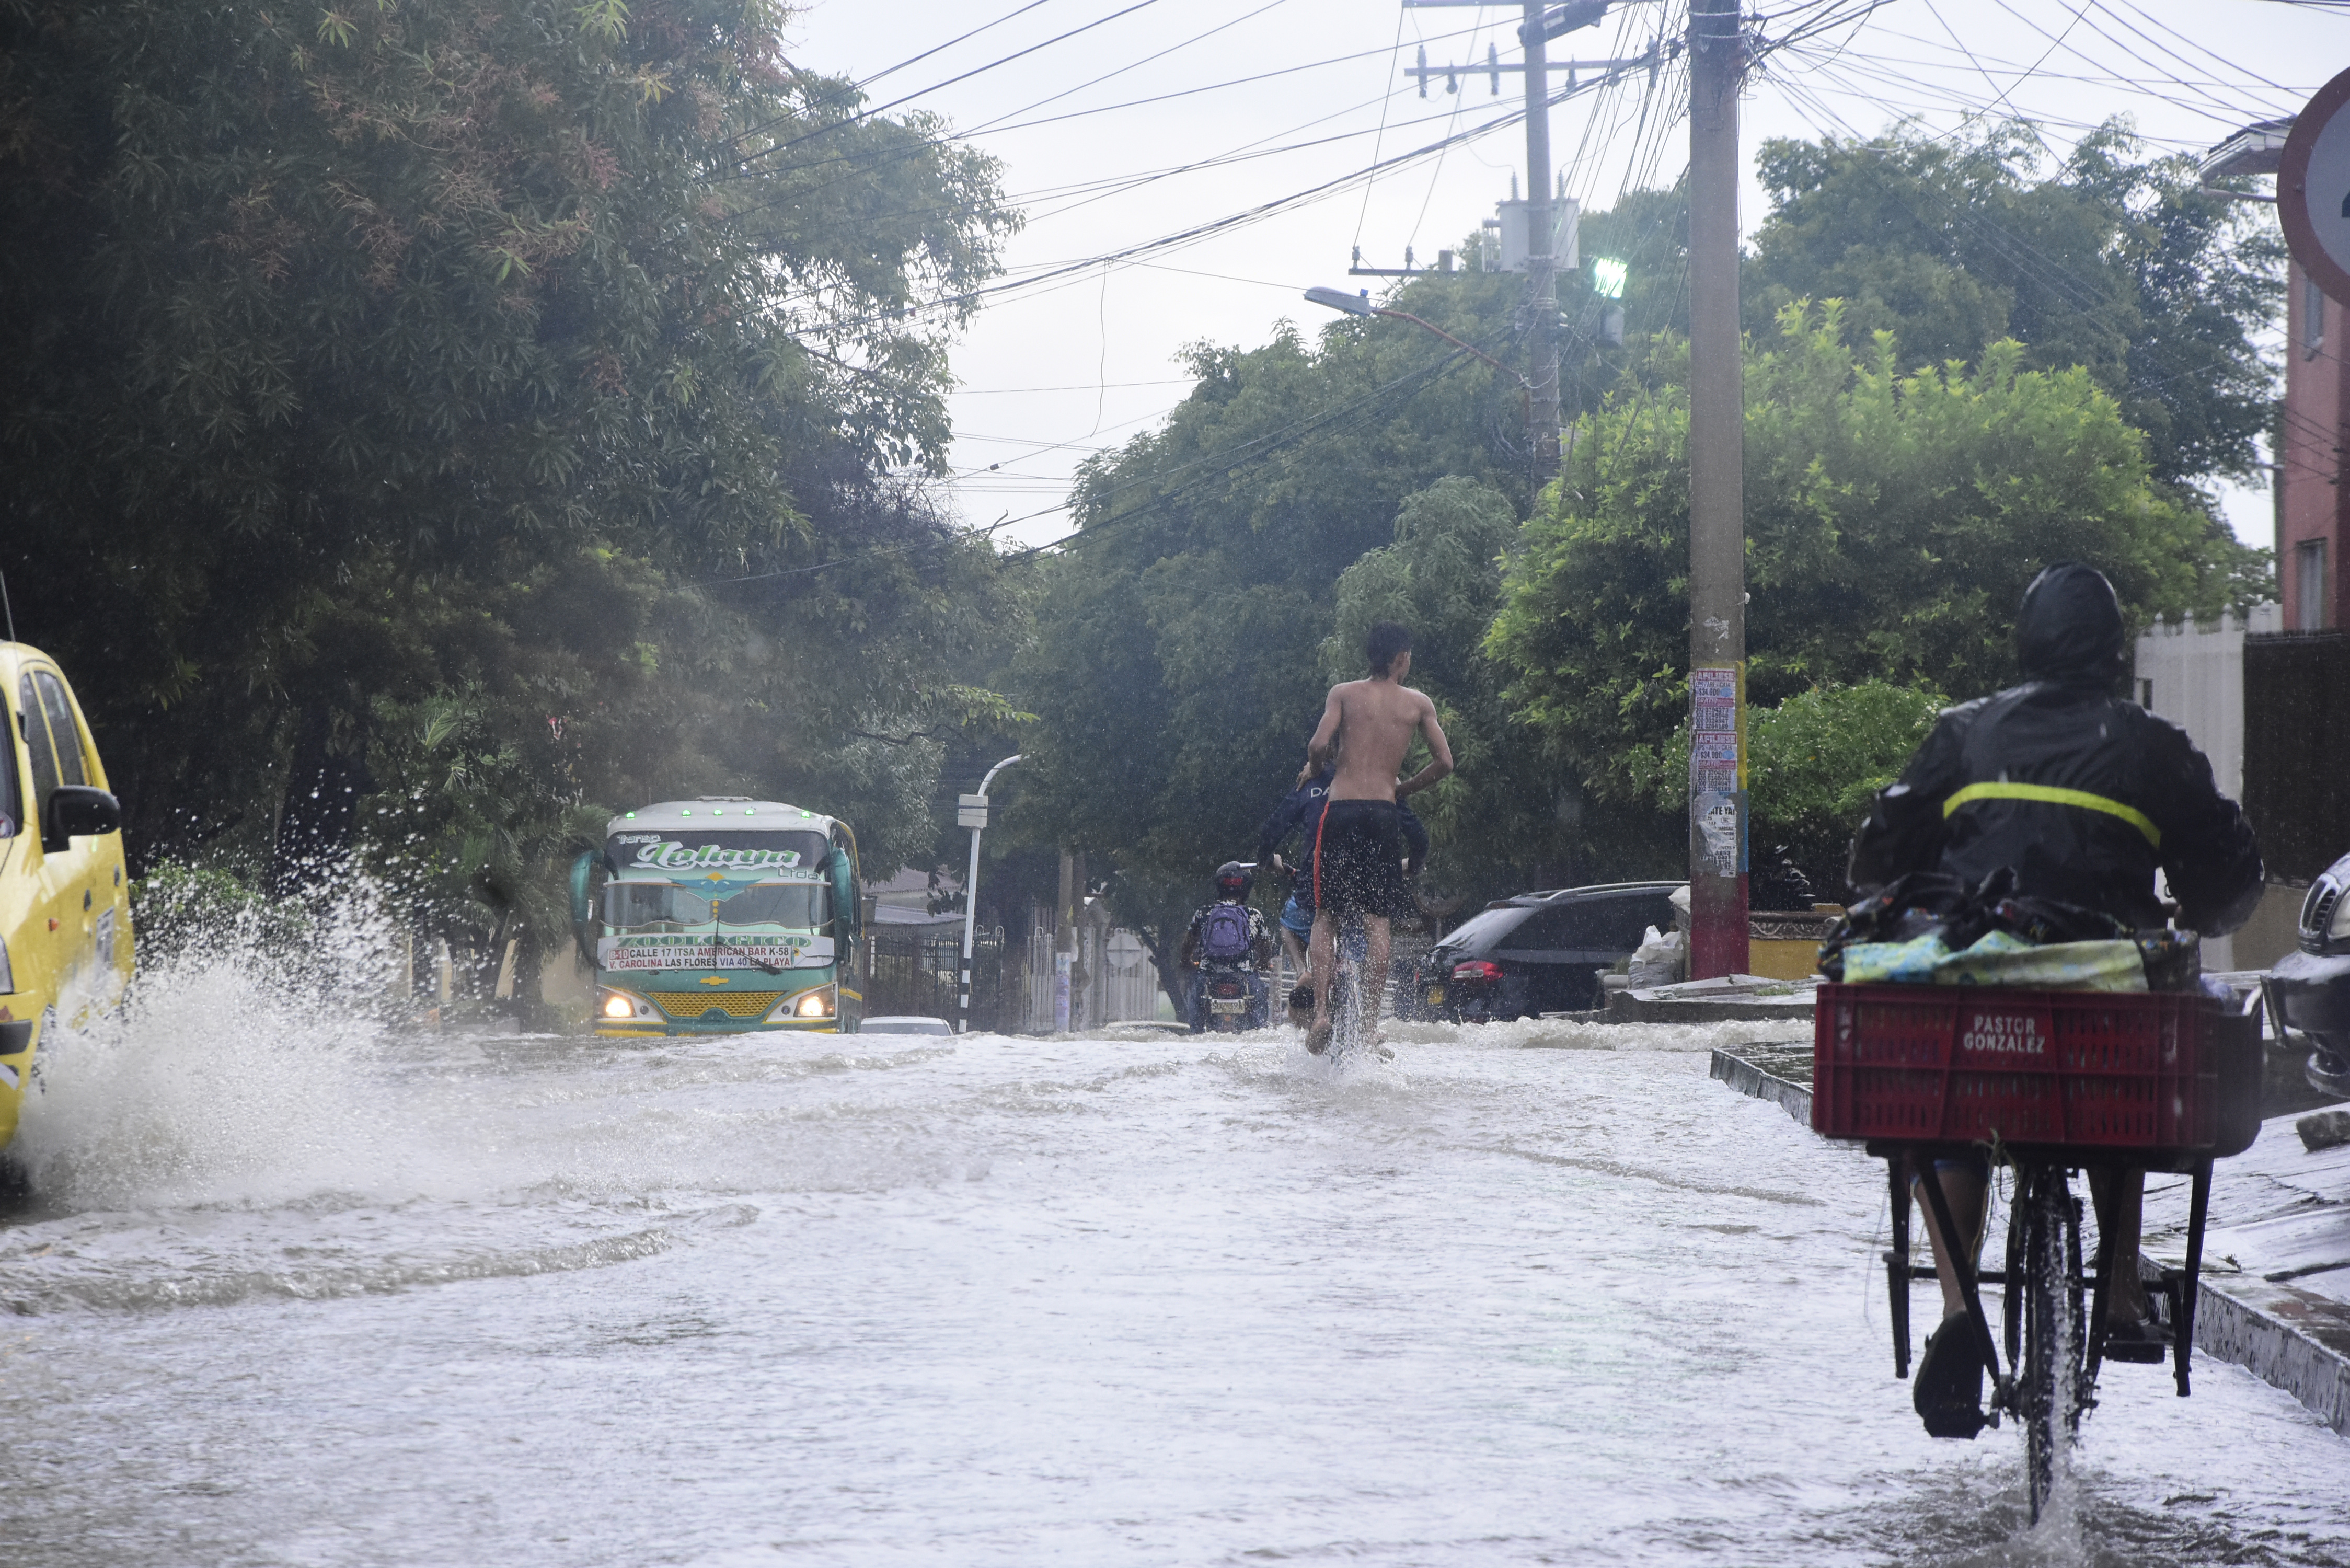 Incidencia de huracán María en Colombia será en 48 horas — Ideam